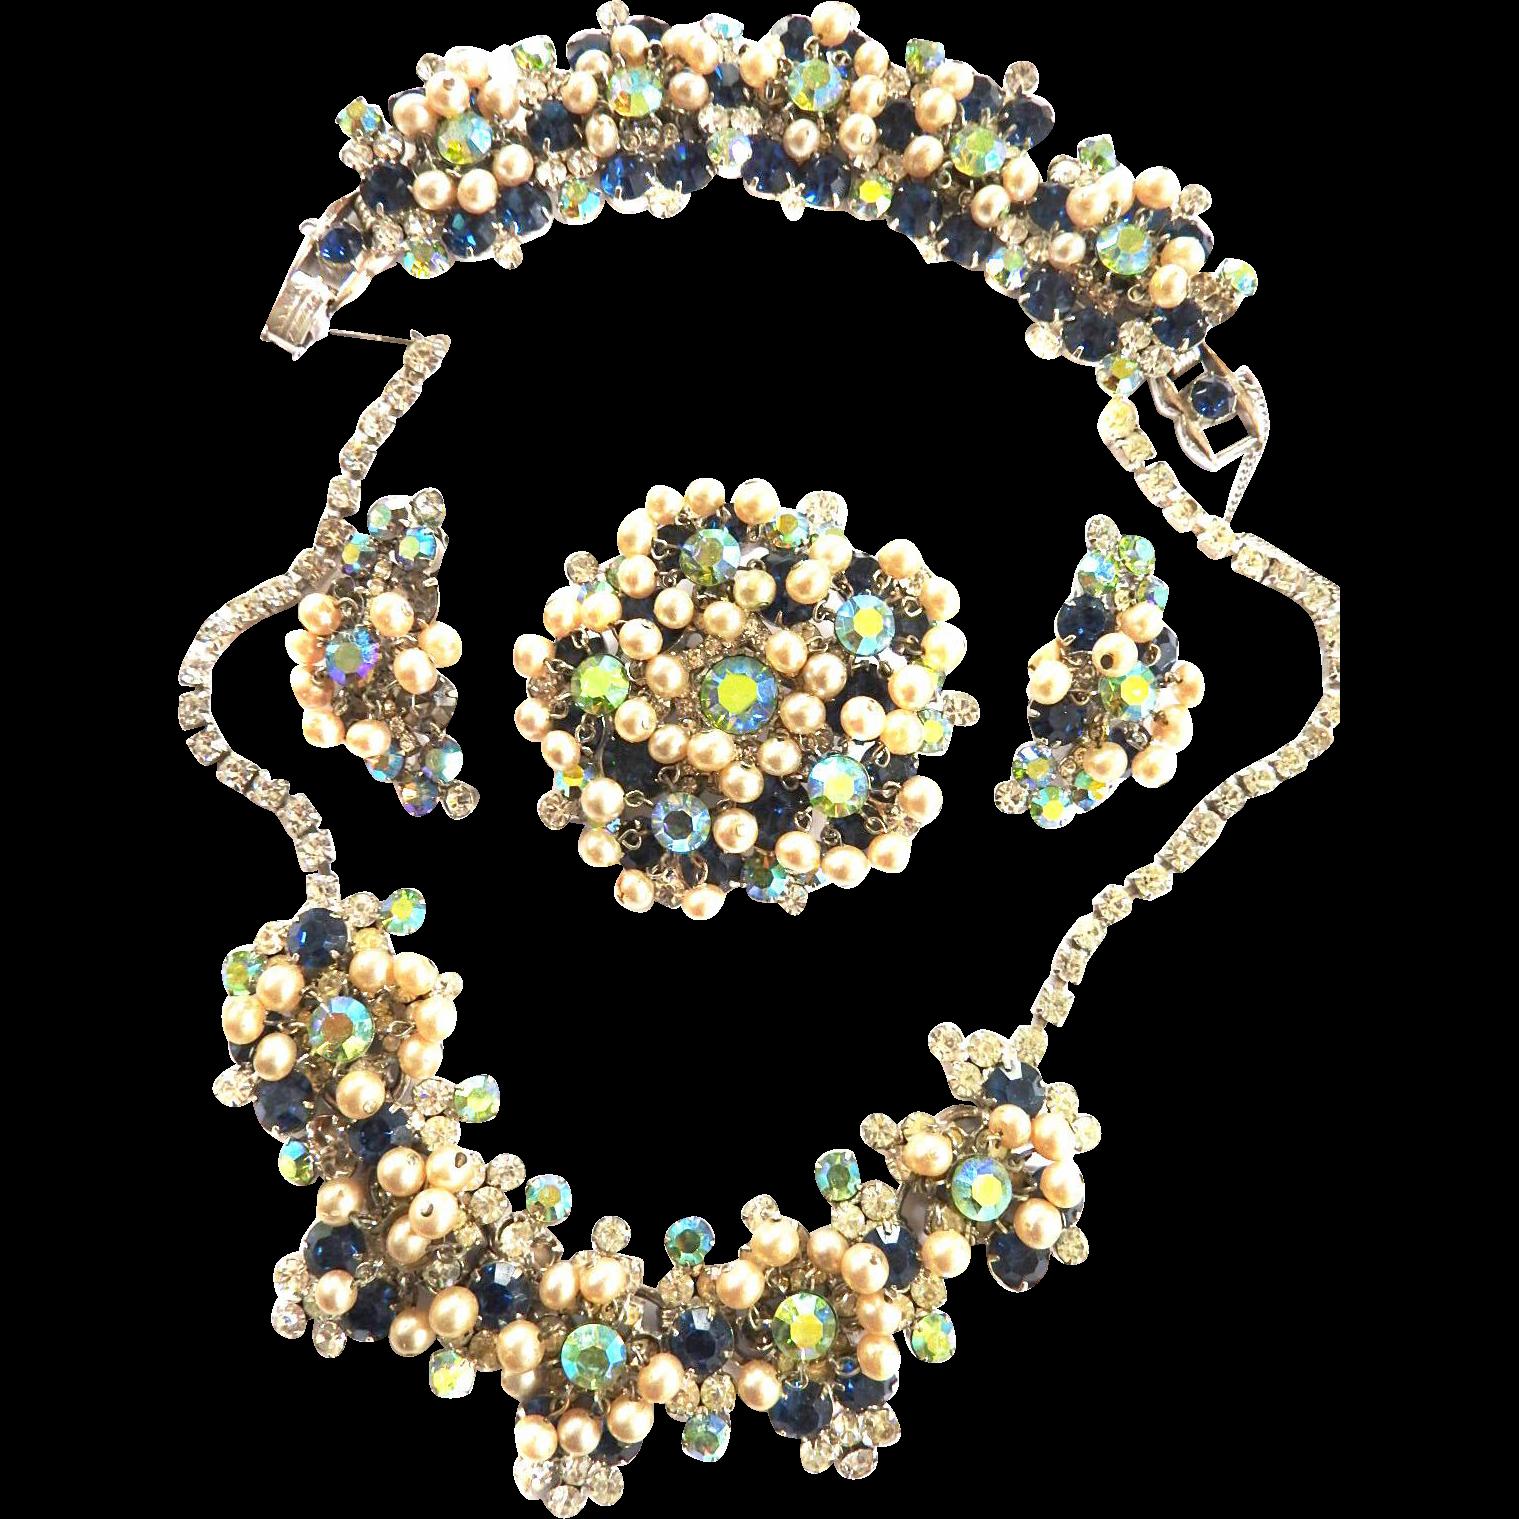 Juliana Faux Pearl Drippy Rhinestone Necklace Bracelet Earrings Brooch